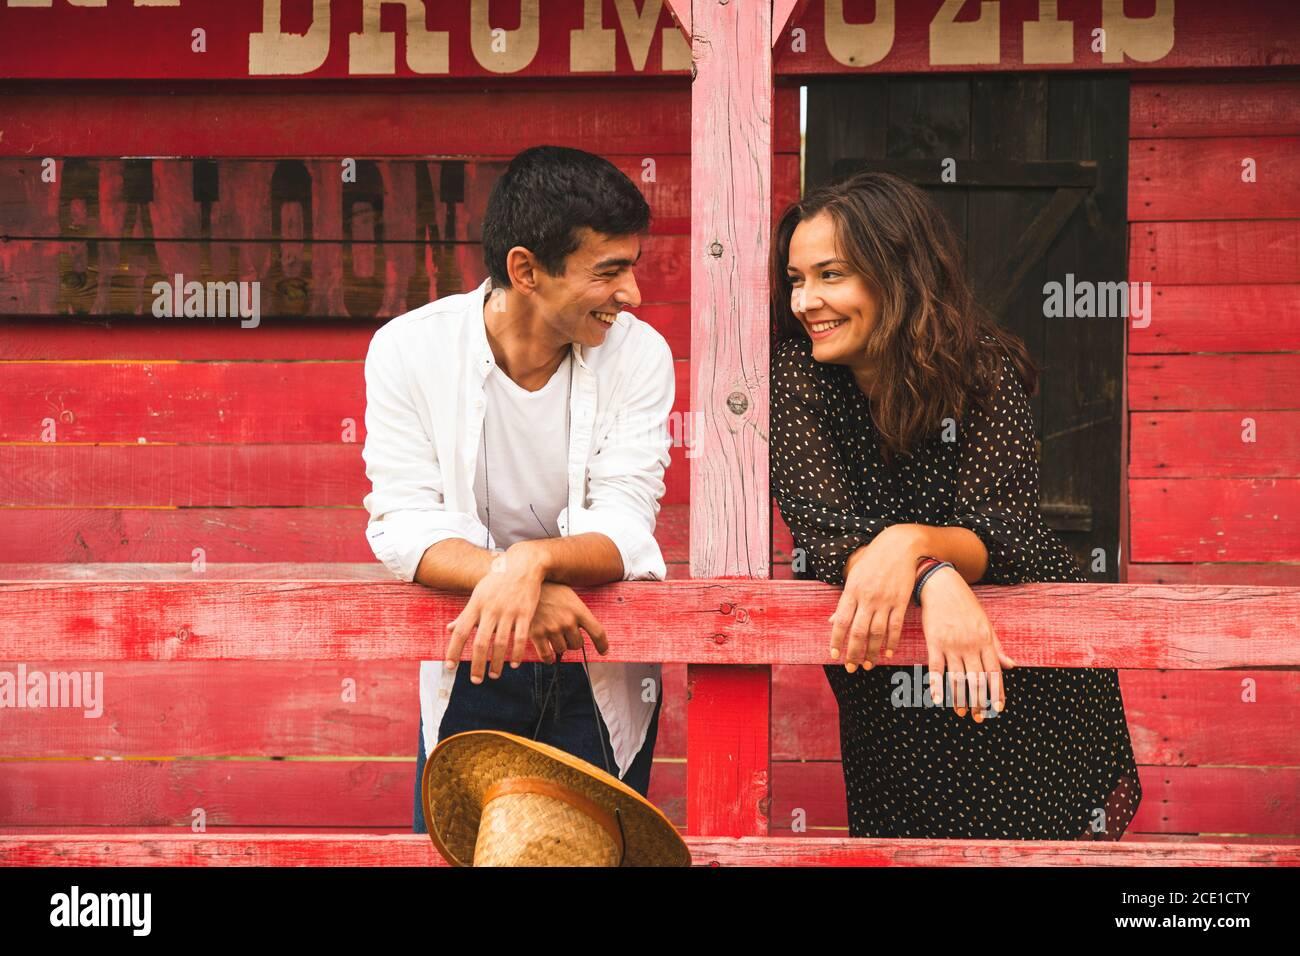 Hübsches Paar Flirten und lächeln sich gegenseitig außerhalb eines roten Holzsalons. Ranch Konzept Fotografie Stockfoto